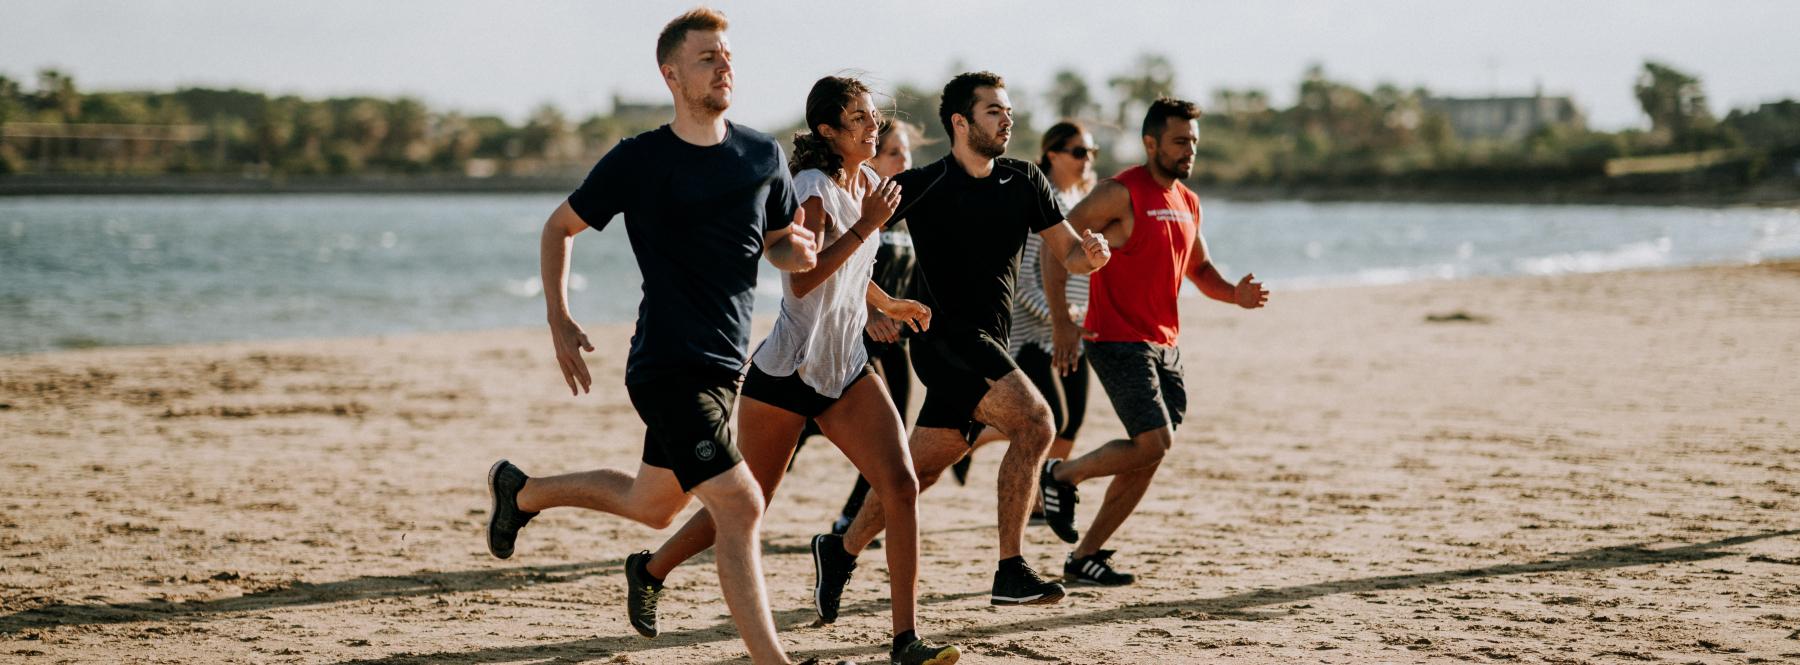 Las mejores apps para hacer deporte en grupo